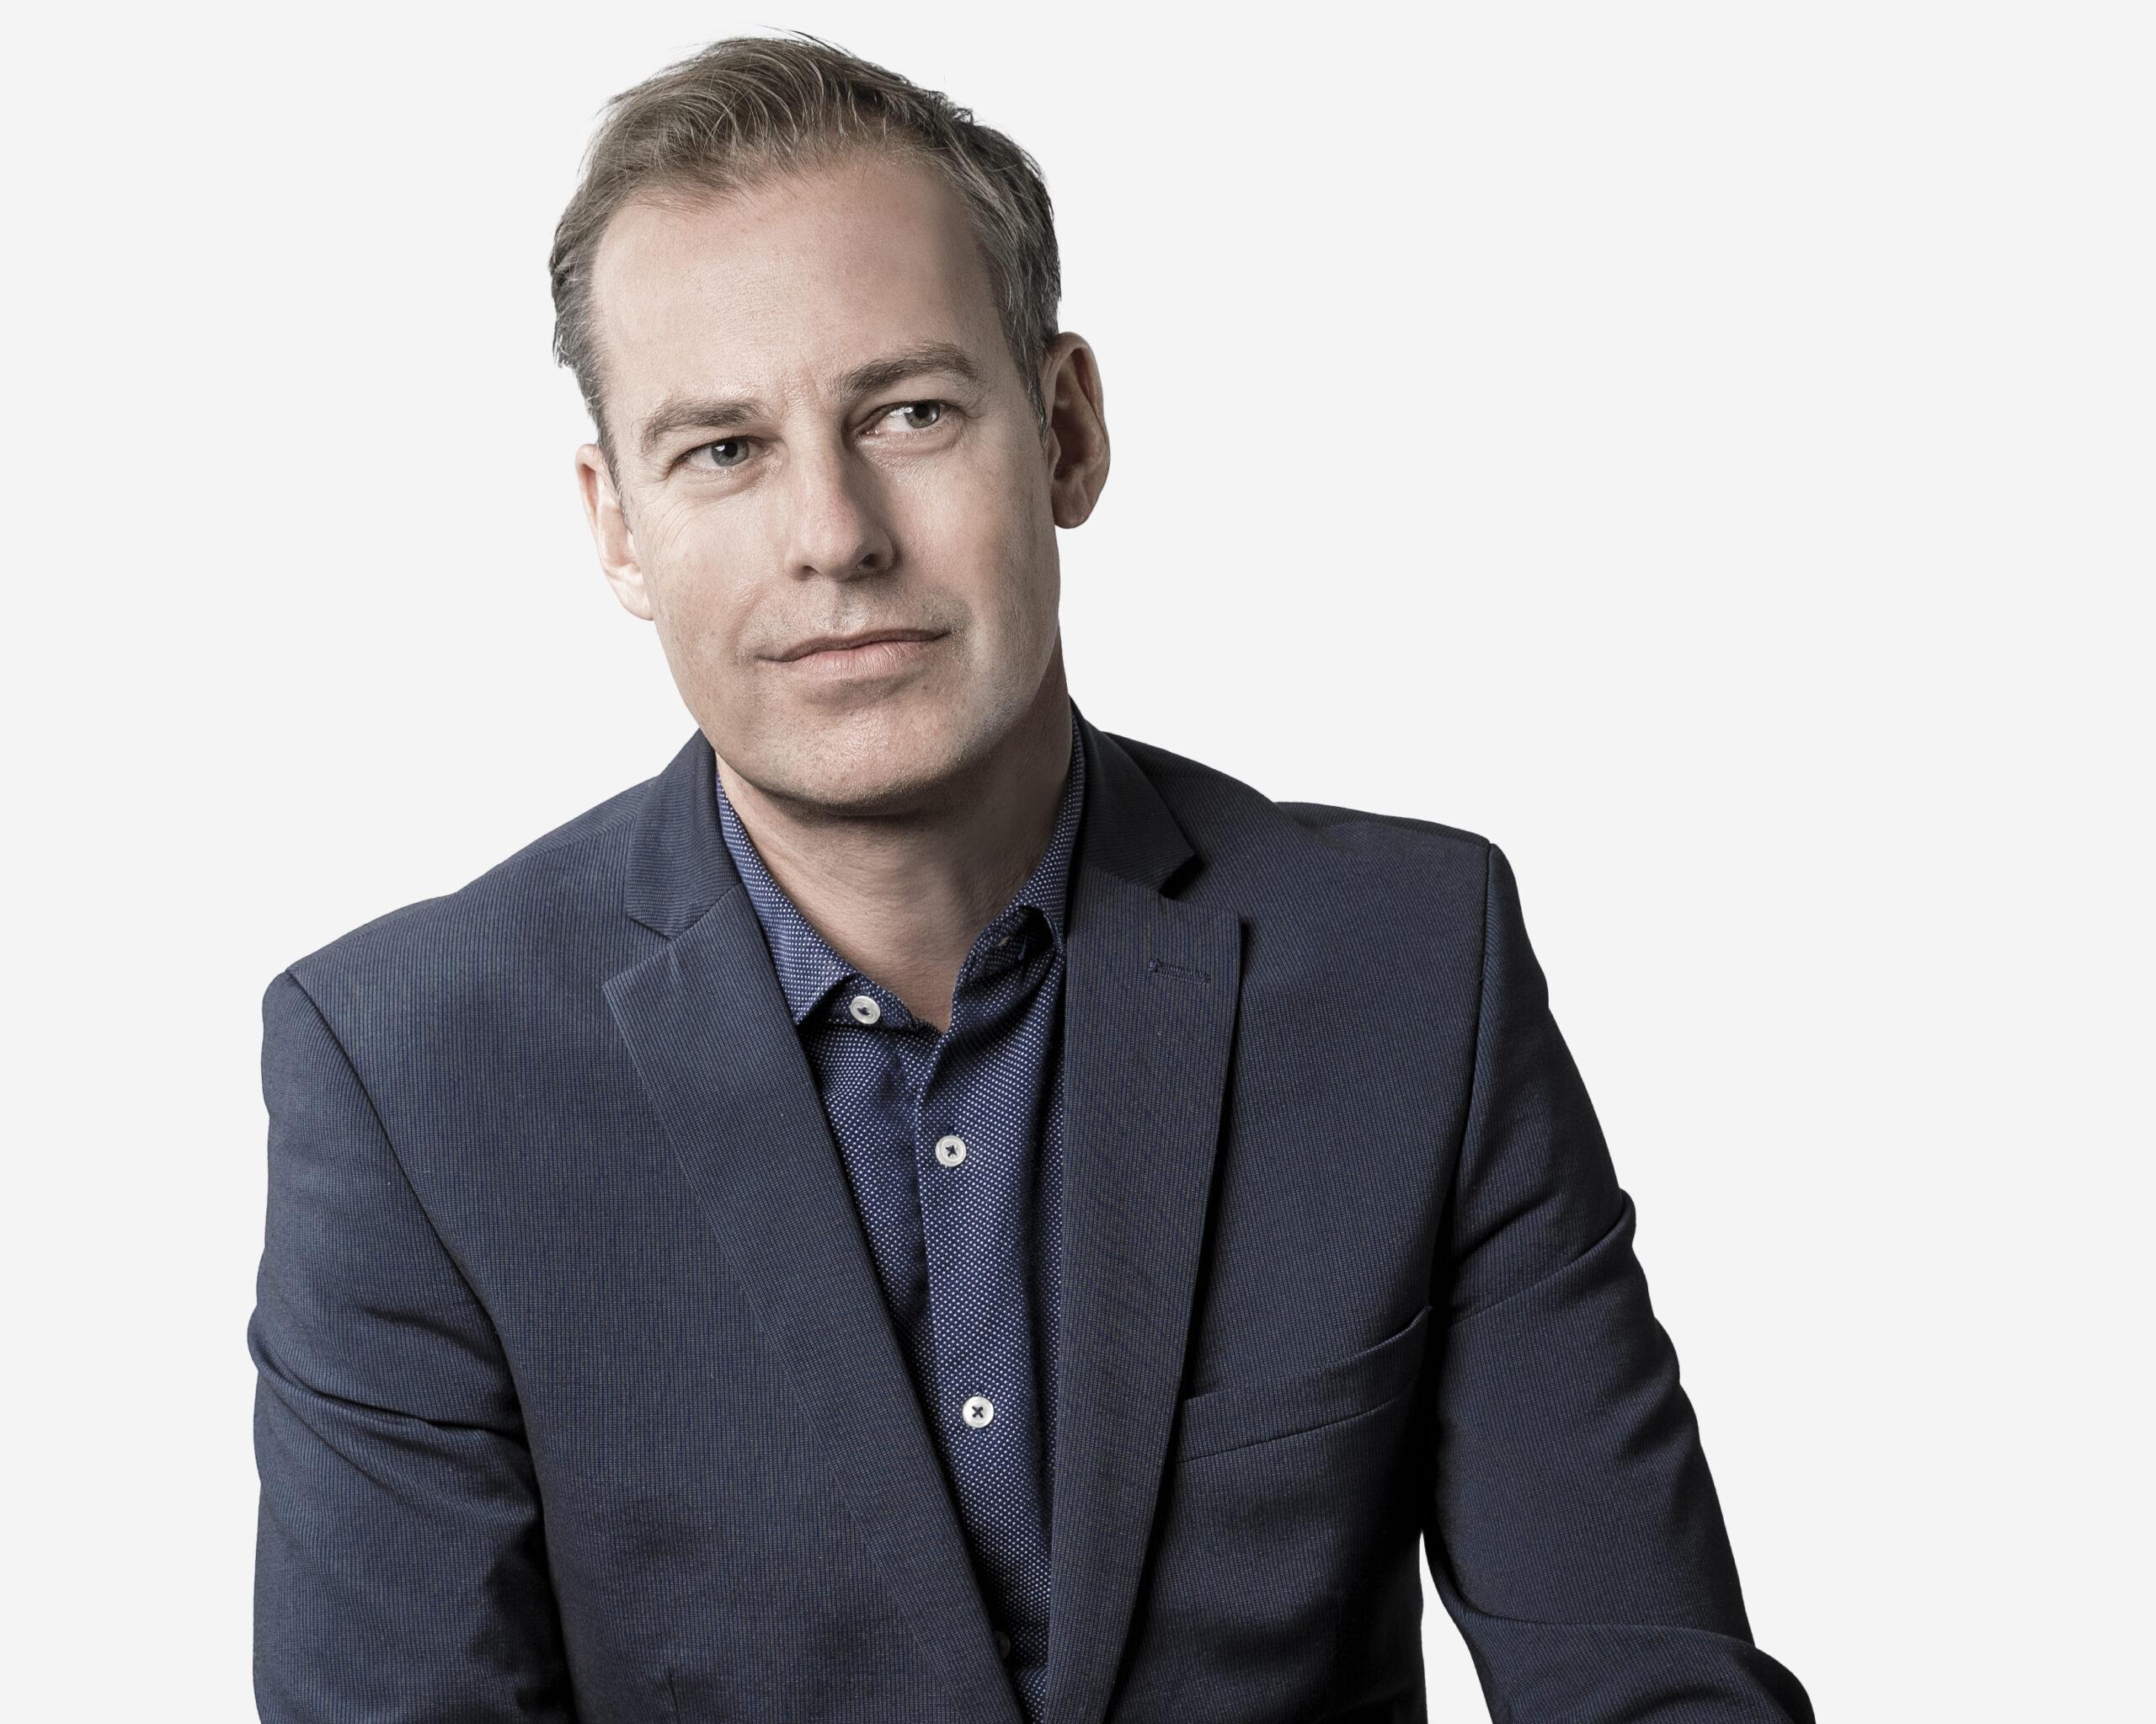 Michel Holthuizen